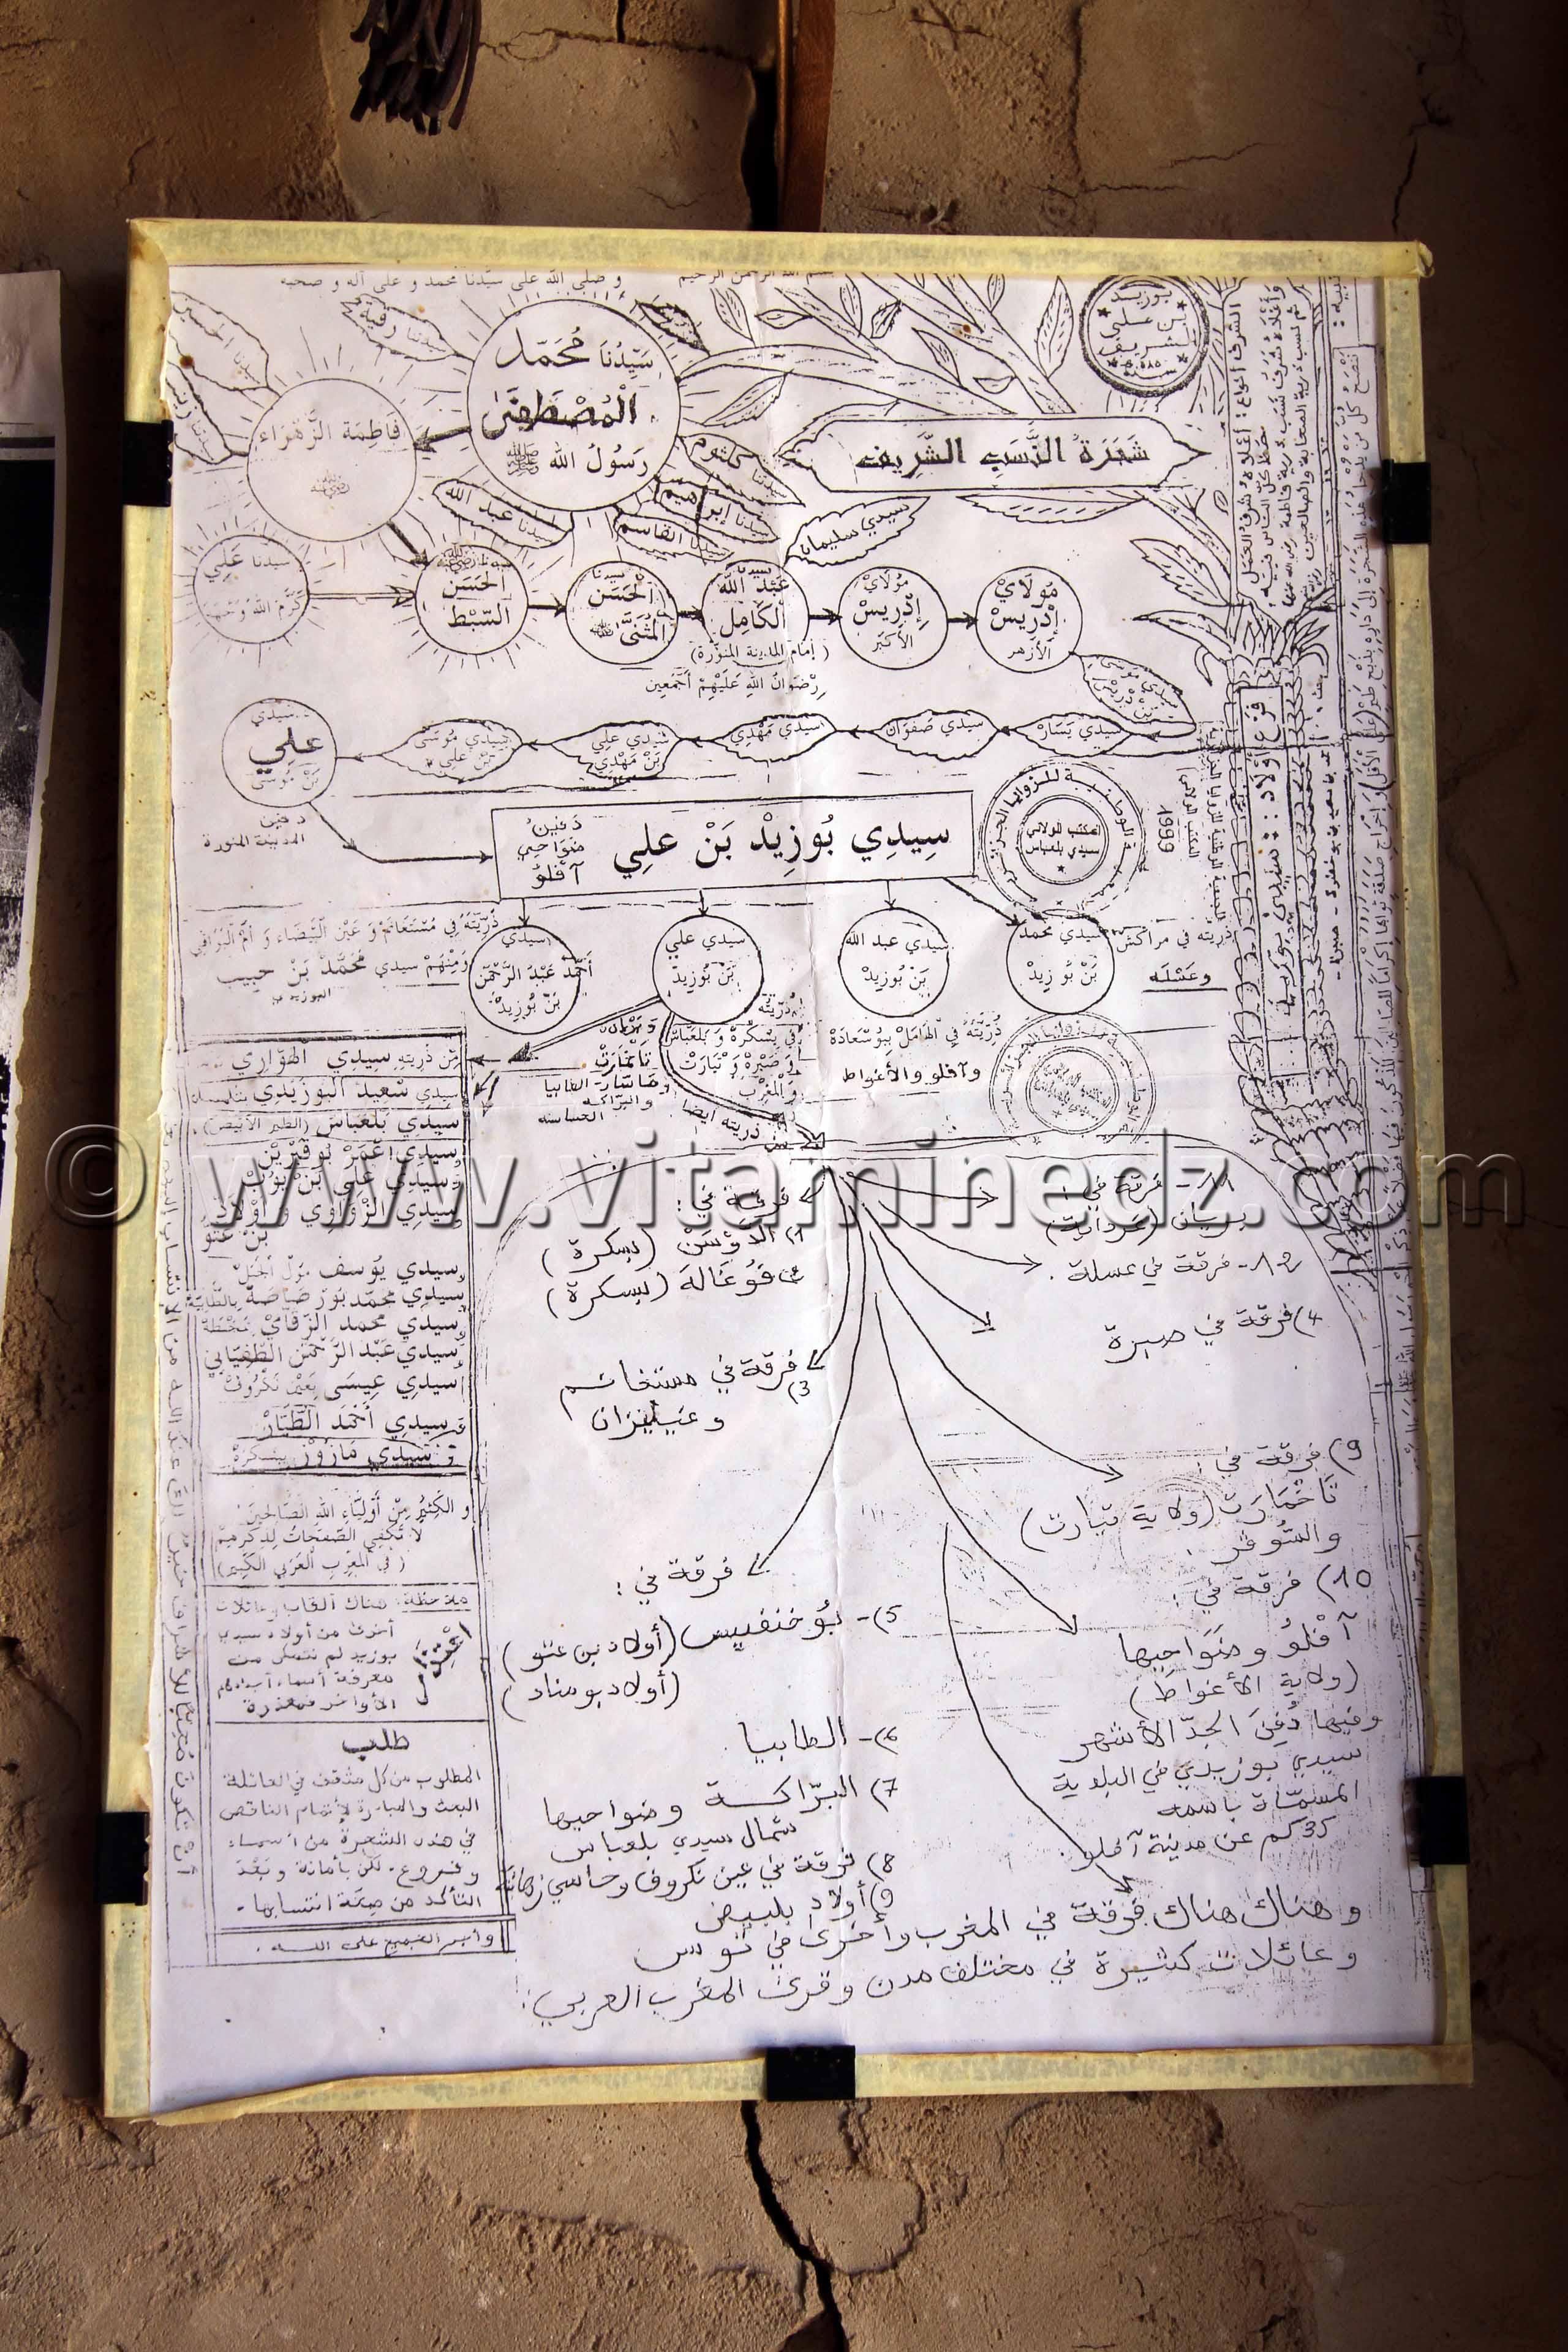 Arbre g�n�alogique personnages pieux d\'Alg�rie, dont Sidi Houari enterr� � Aghlad Commune Ouled Said (W. Adrar)